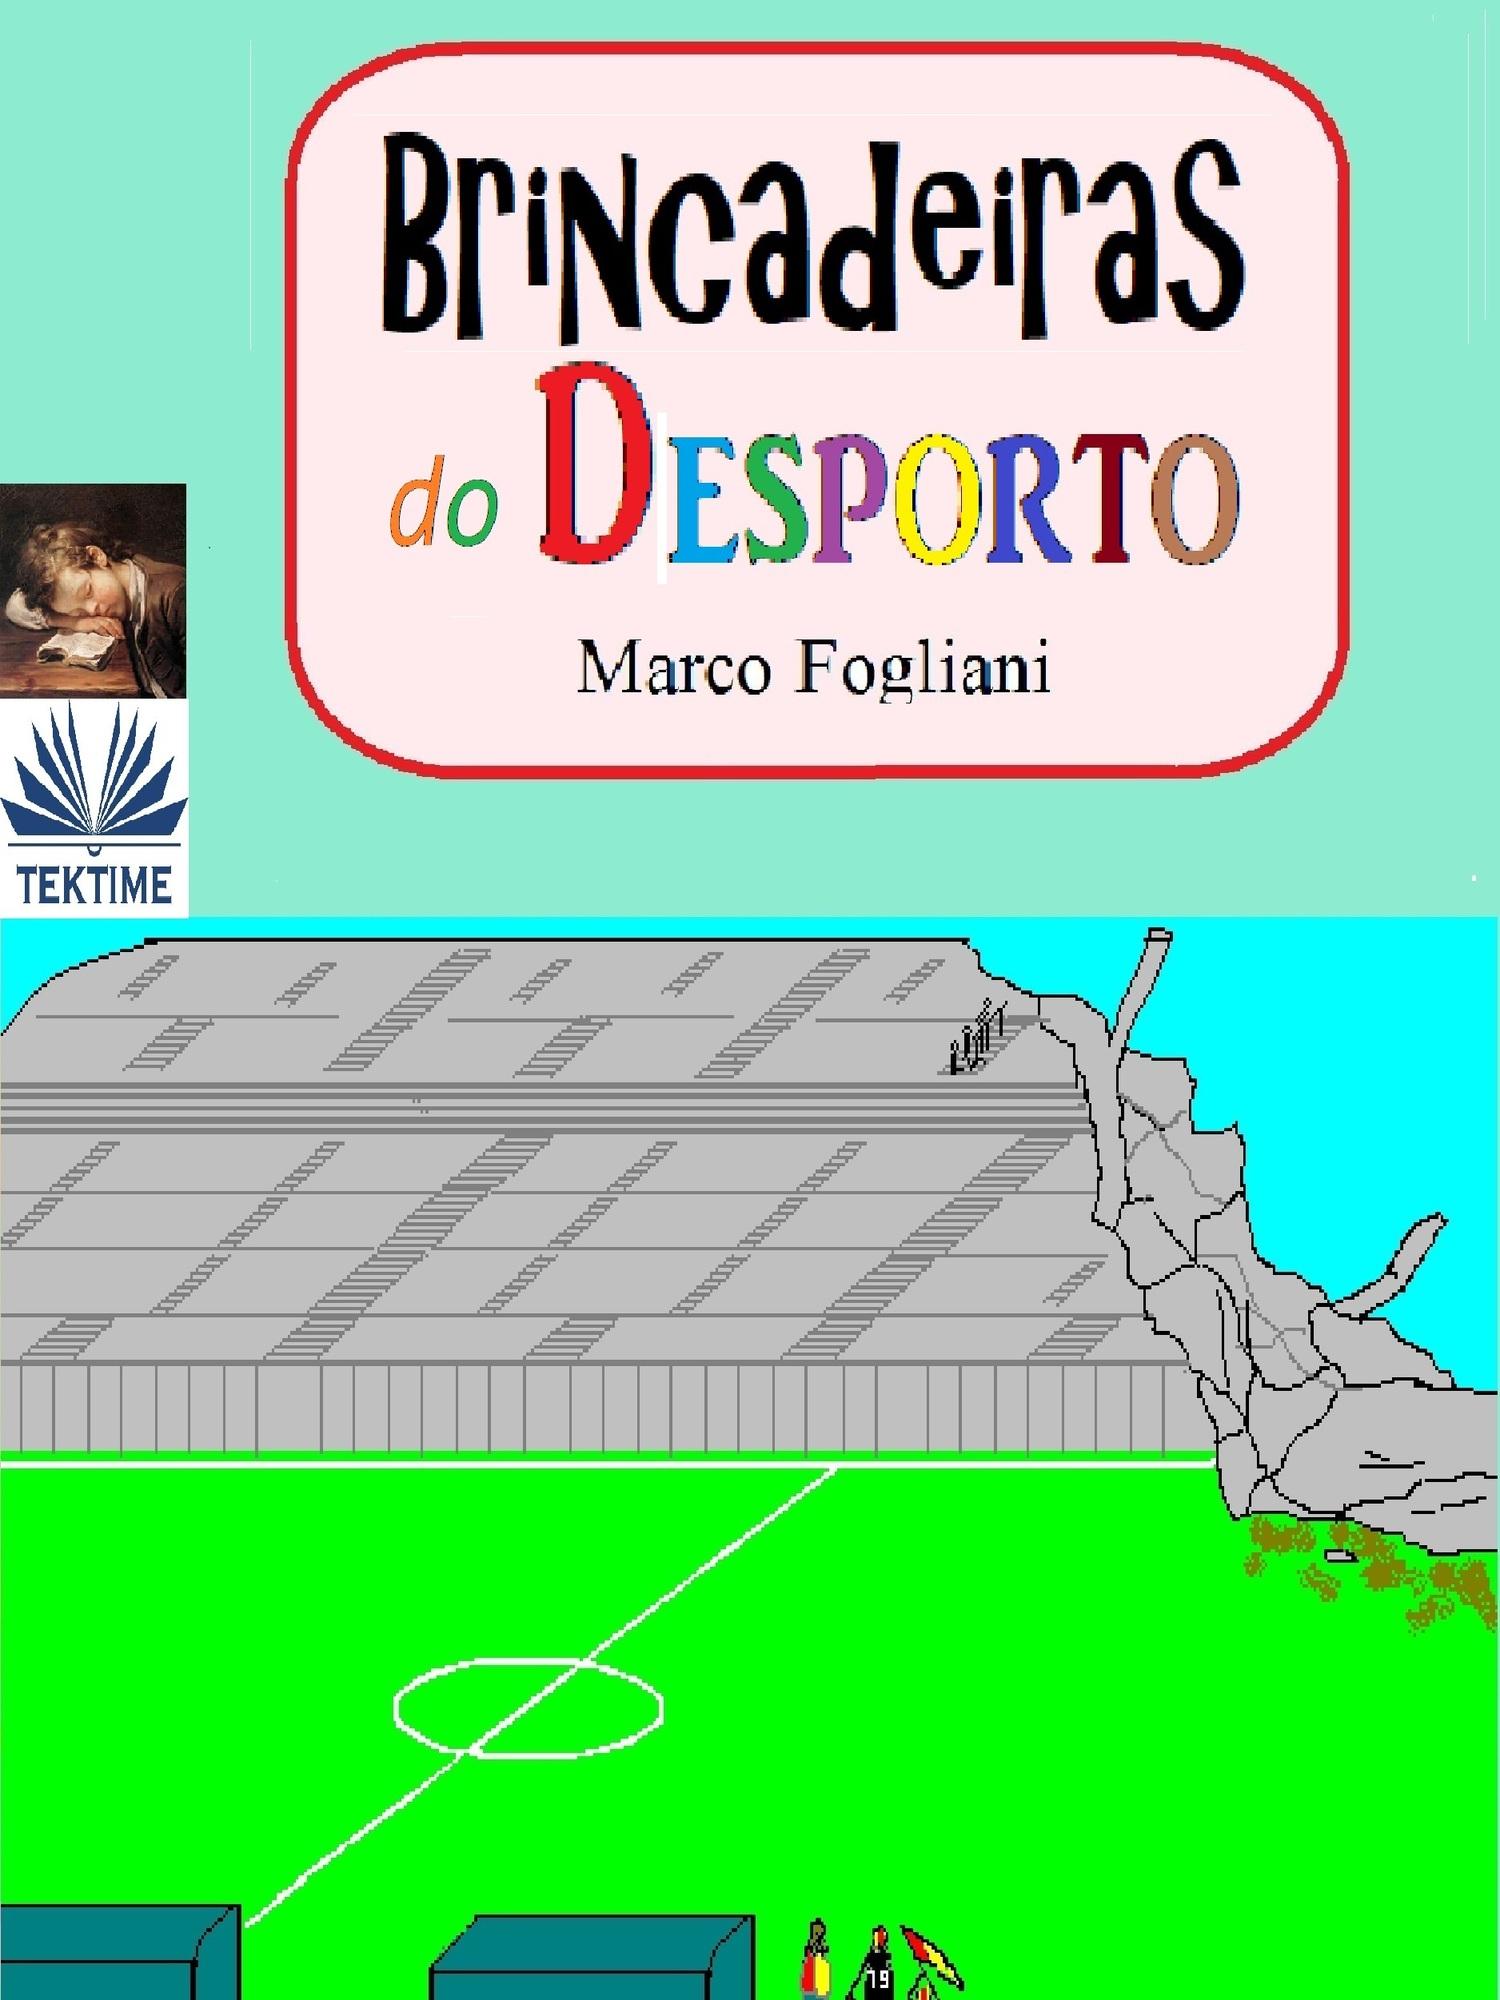 Marco Fogliani Brincadeiras Do Desporto e lopes pequena cancao